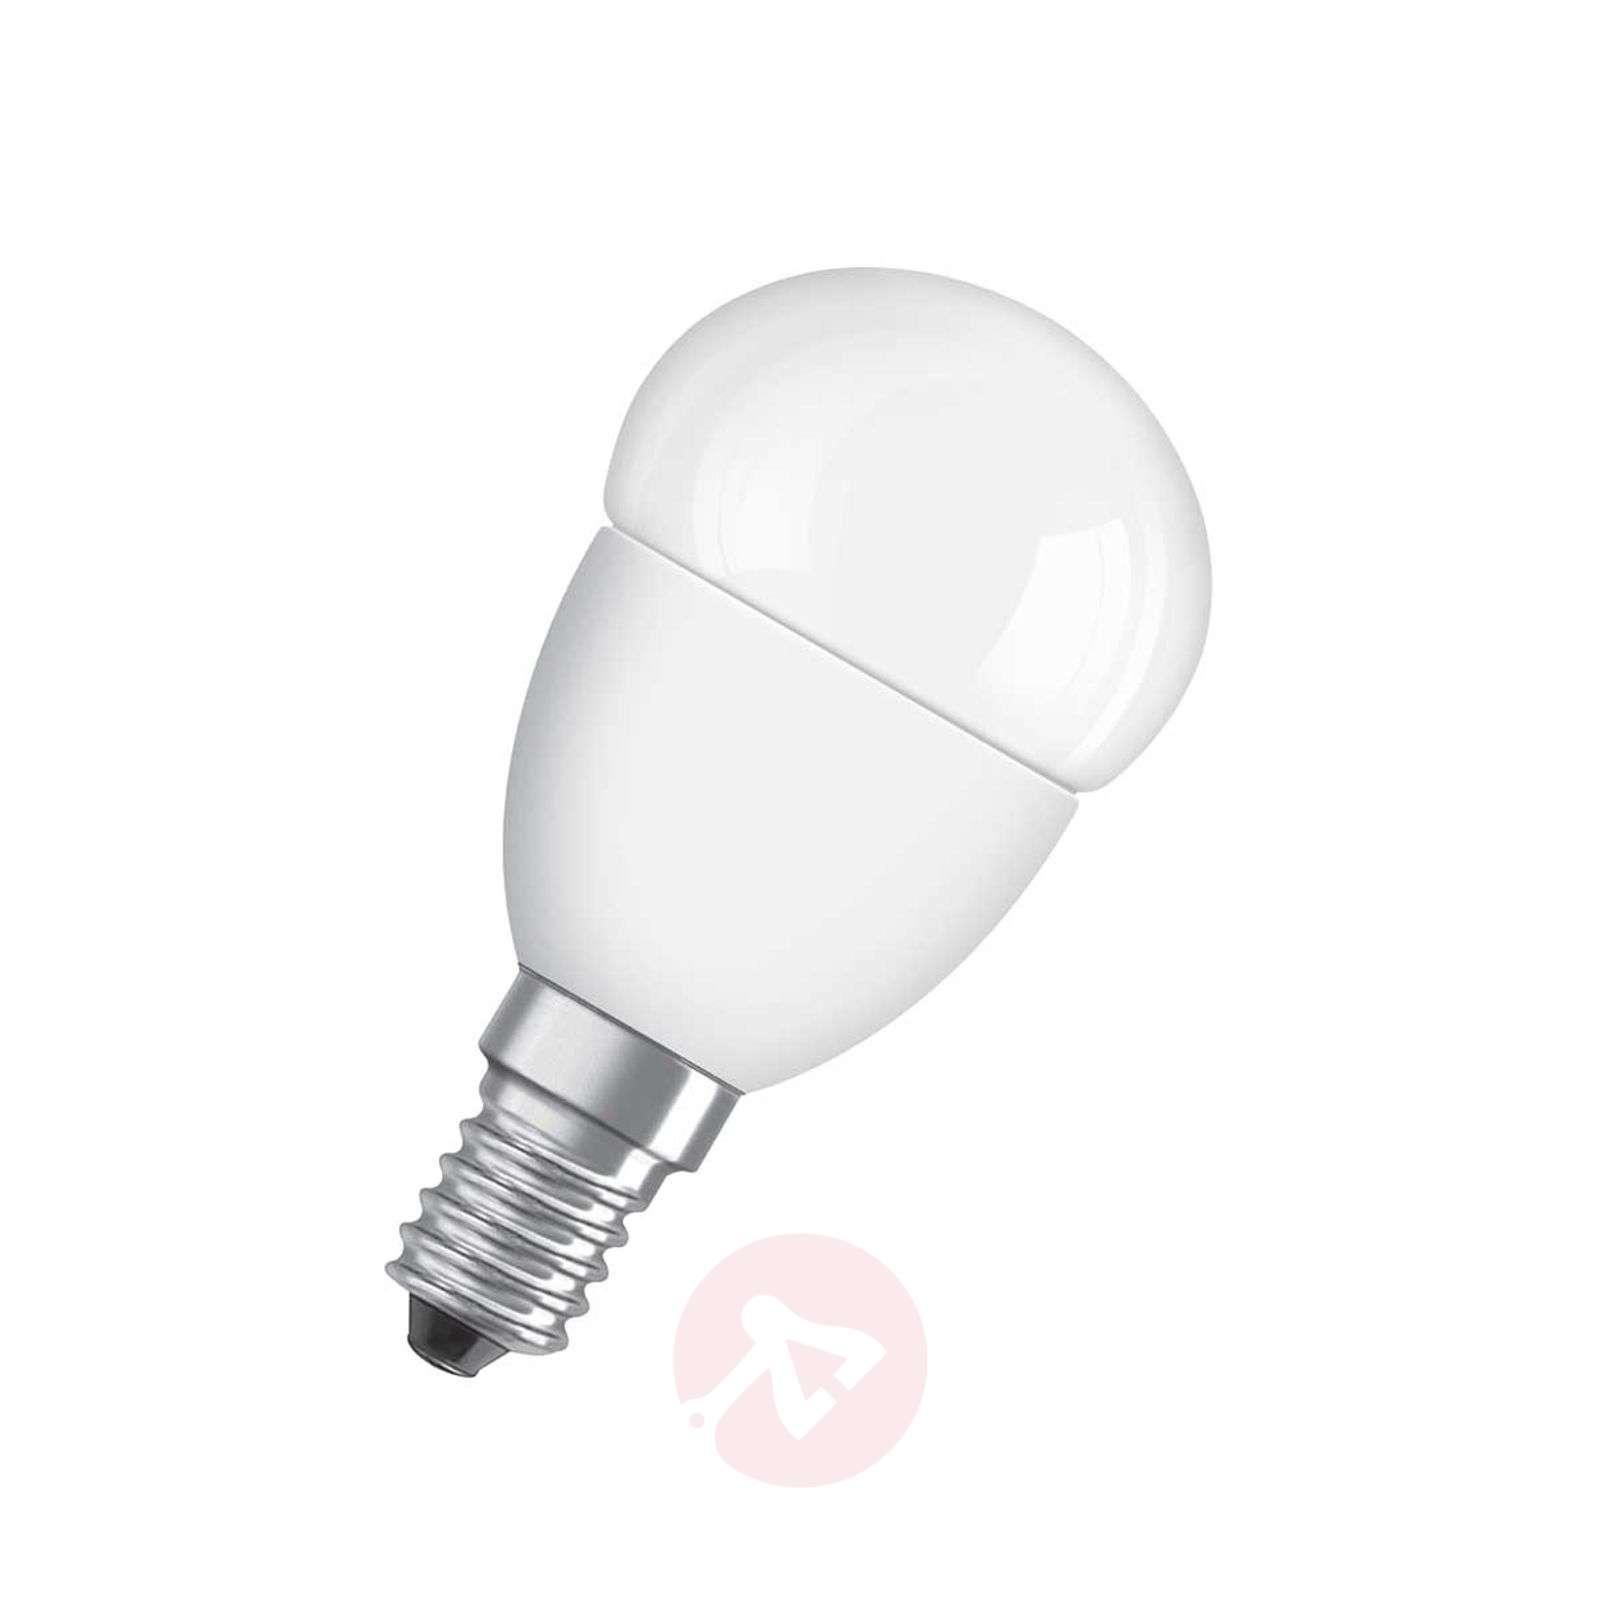 E14 5,3W 827 LED-pisaralamppu Superstar matta himm-7260673-01